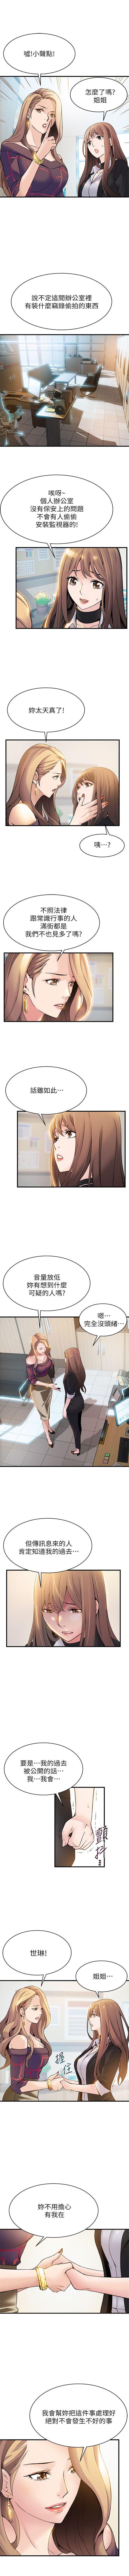 (週7)弱點 1-76 中文翻譯(更新中) 45